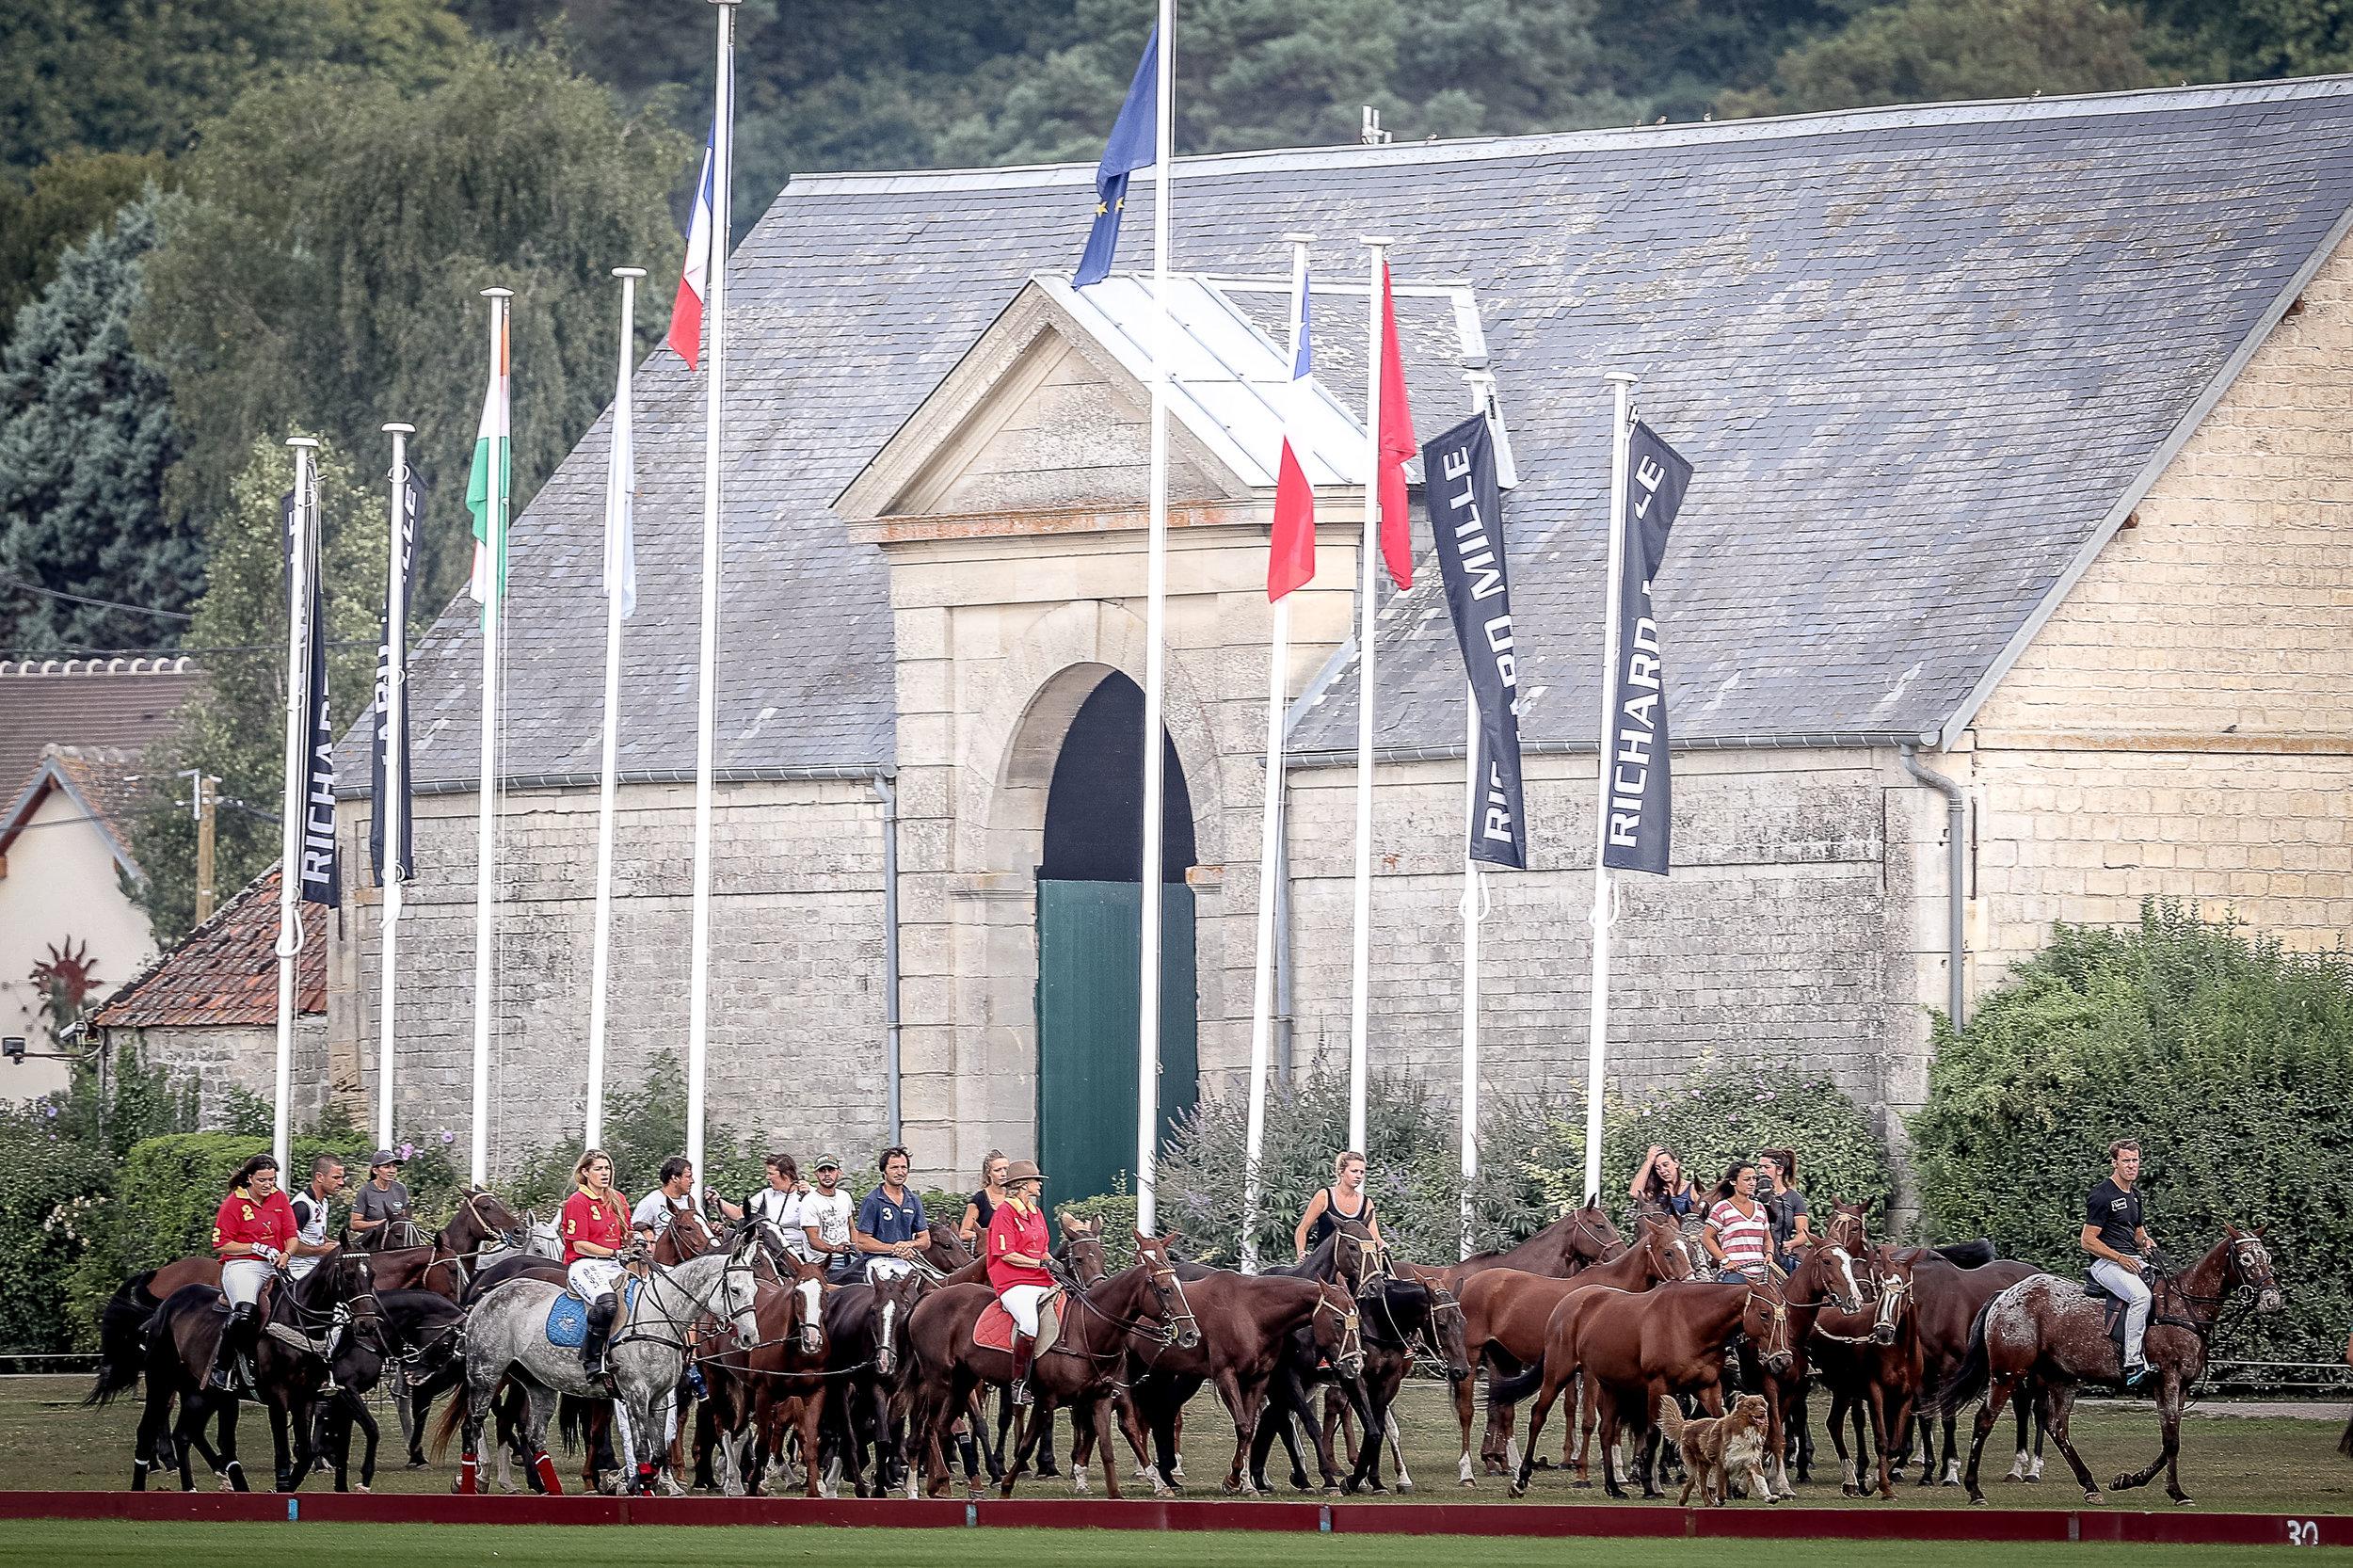 Les chevaux à l'entrainement au Polo Club du Domaine de Chantilly Horses on training at Chantilly Polo Club